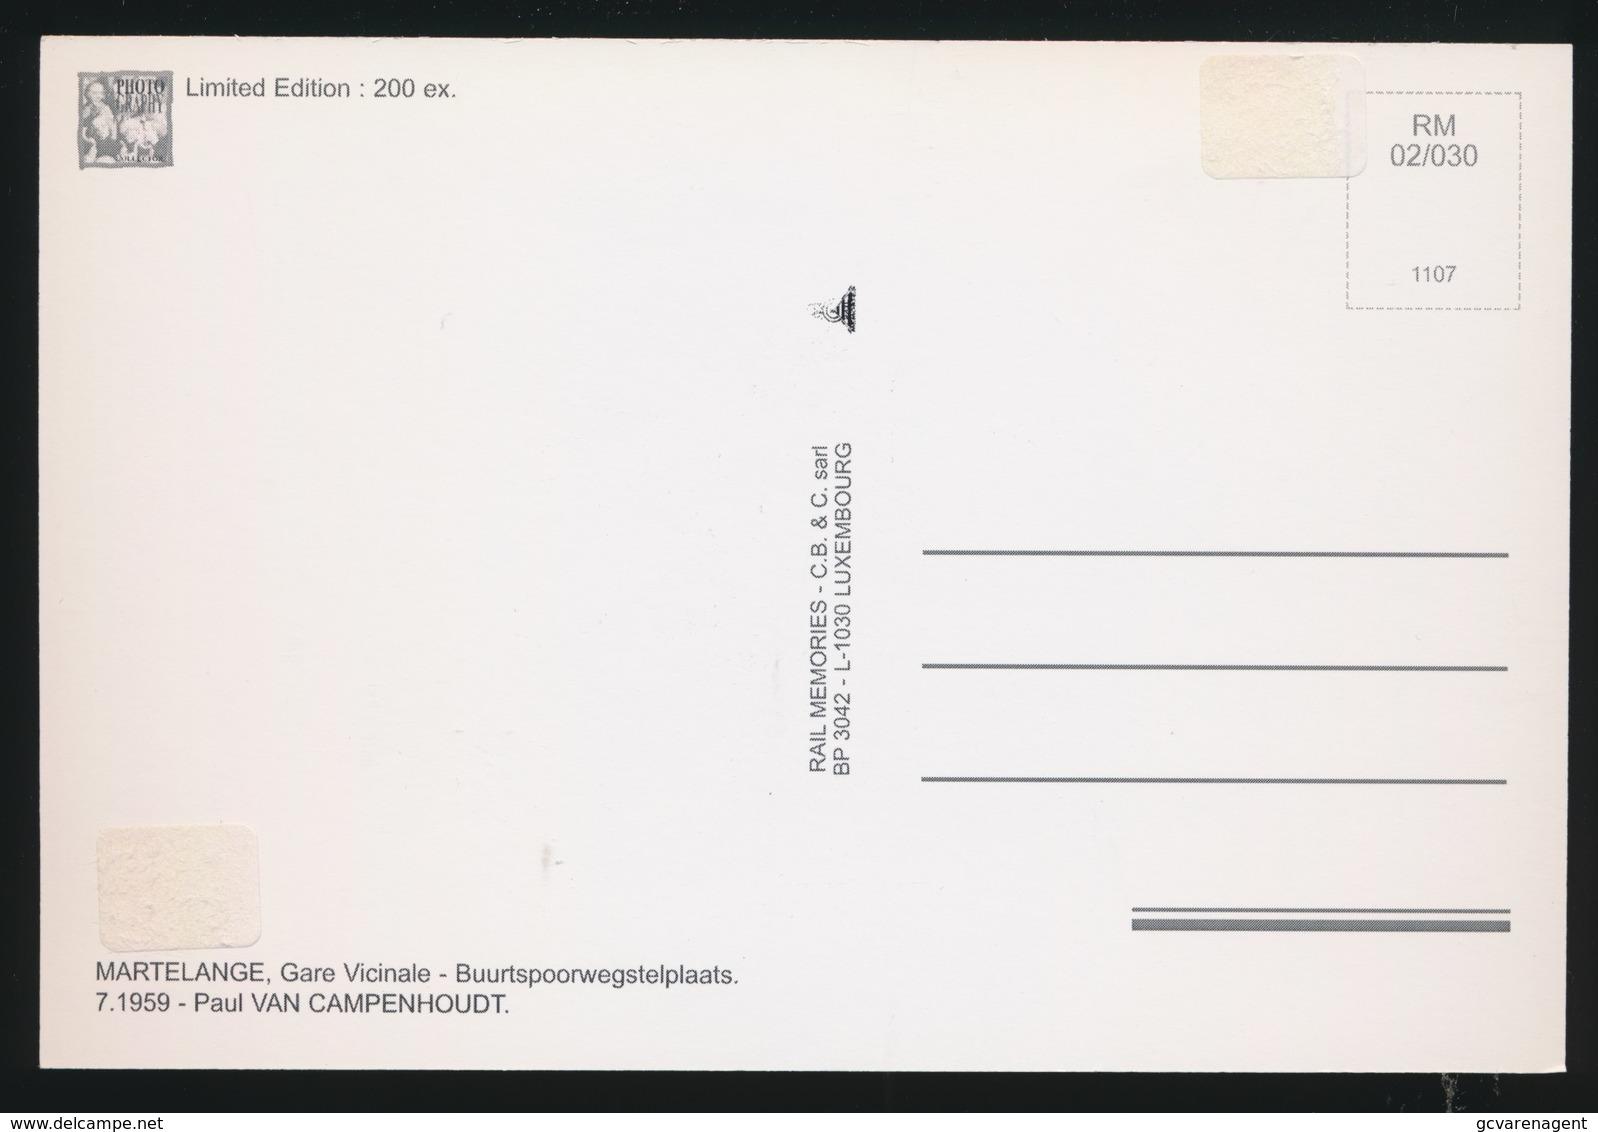 MARTELANGE - GARE VICINALE - BUURTSPOORWEGSTELPLAATS - LIMITED EDITION 200 EX  1959  - 2 SCANS - Strassenbahnen